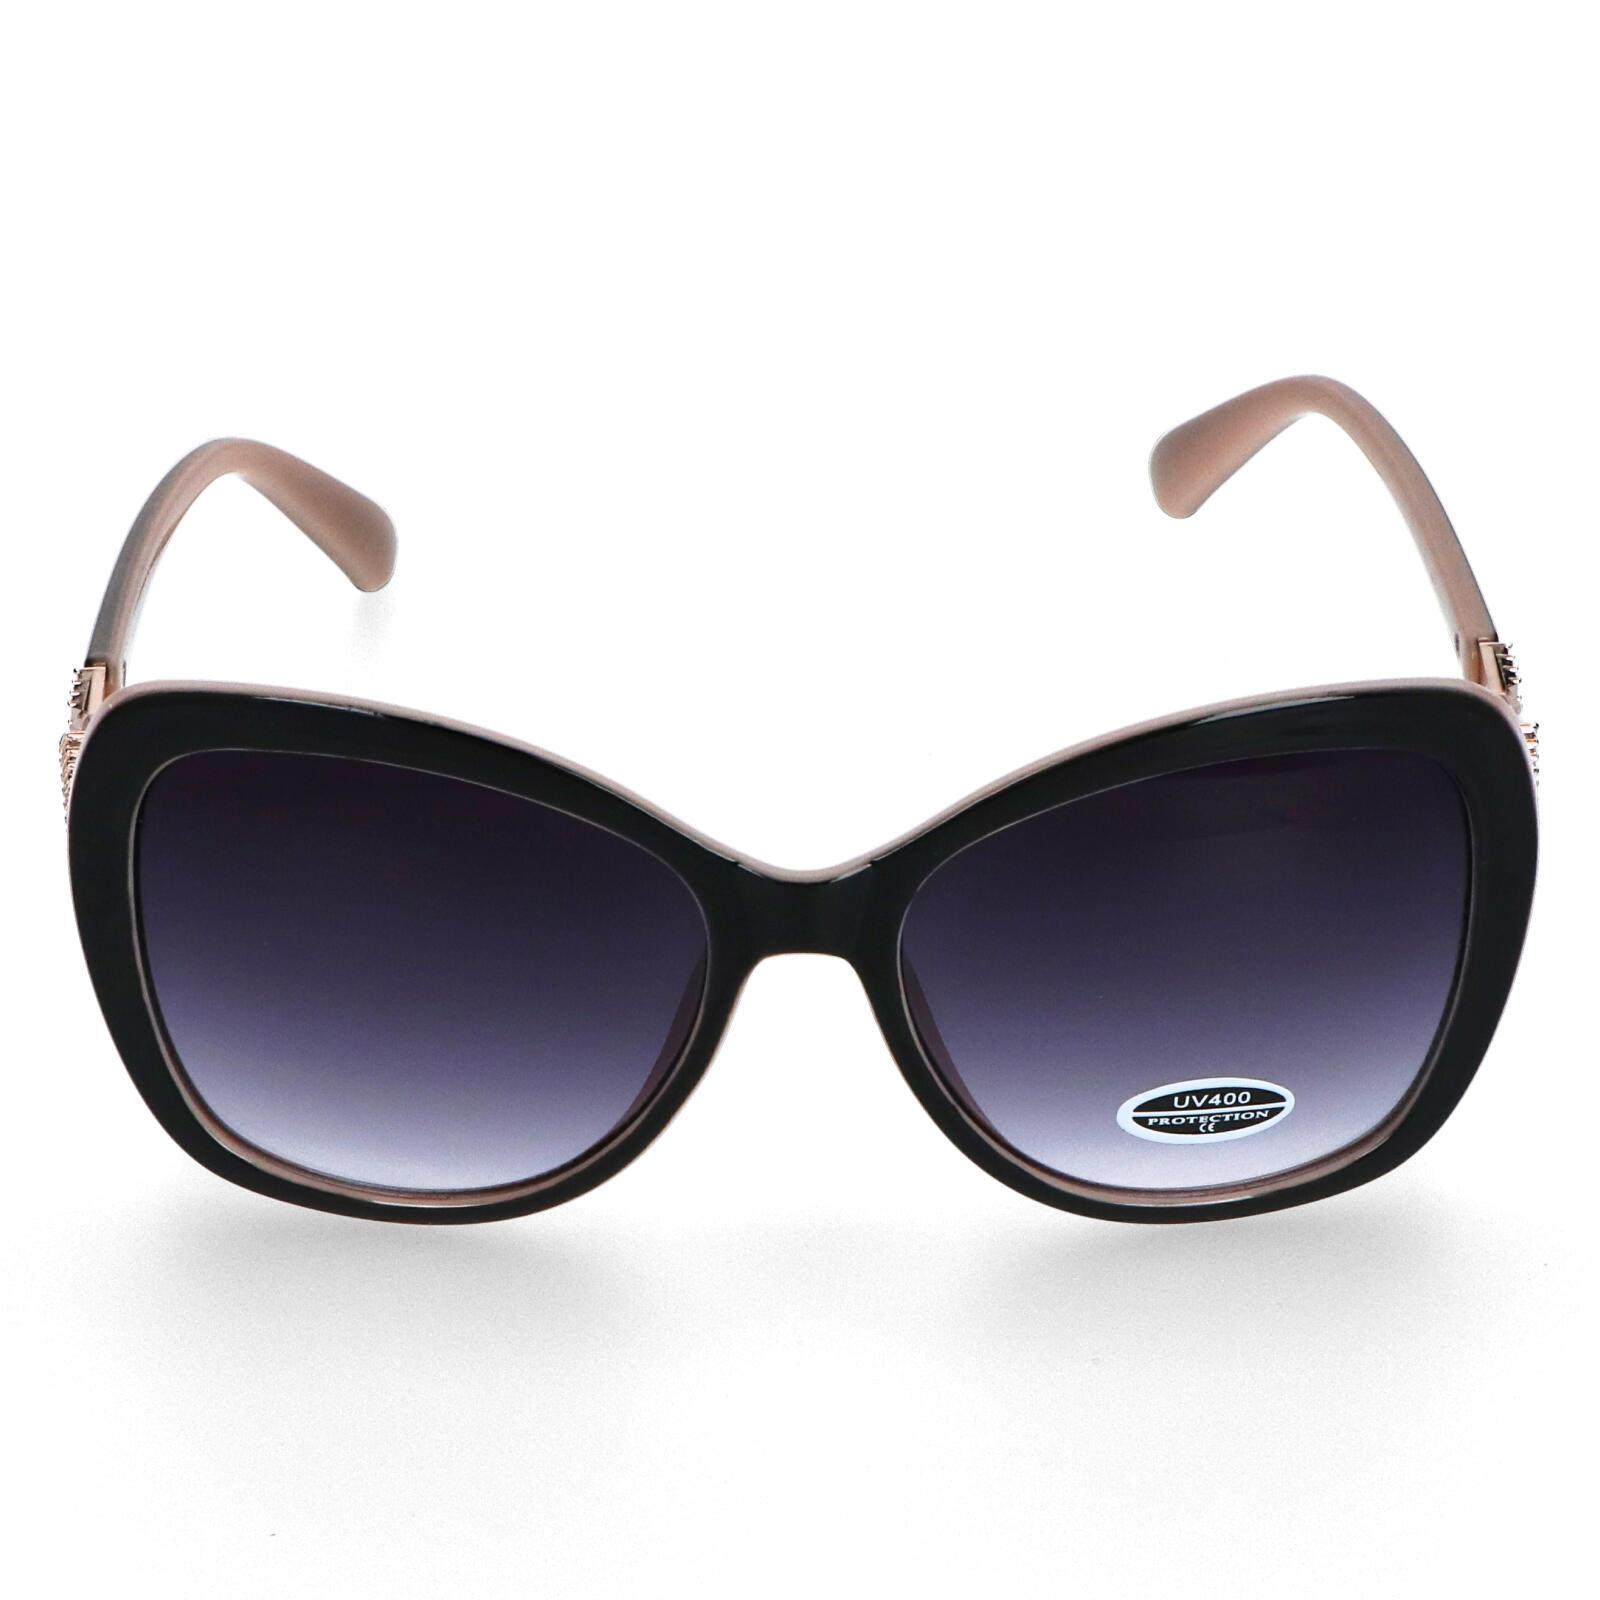 Dámske slnečné okuliare krémovoružové - S8111